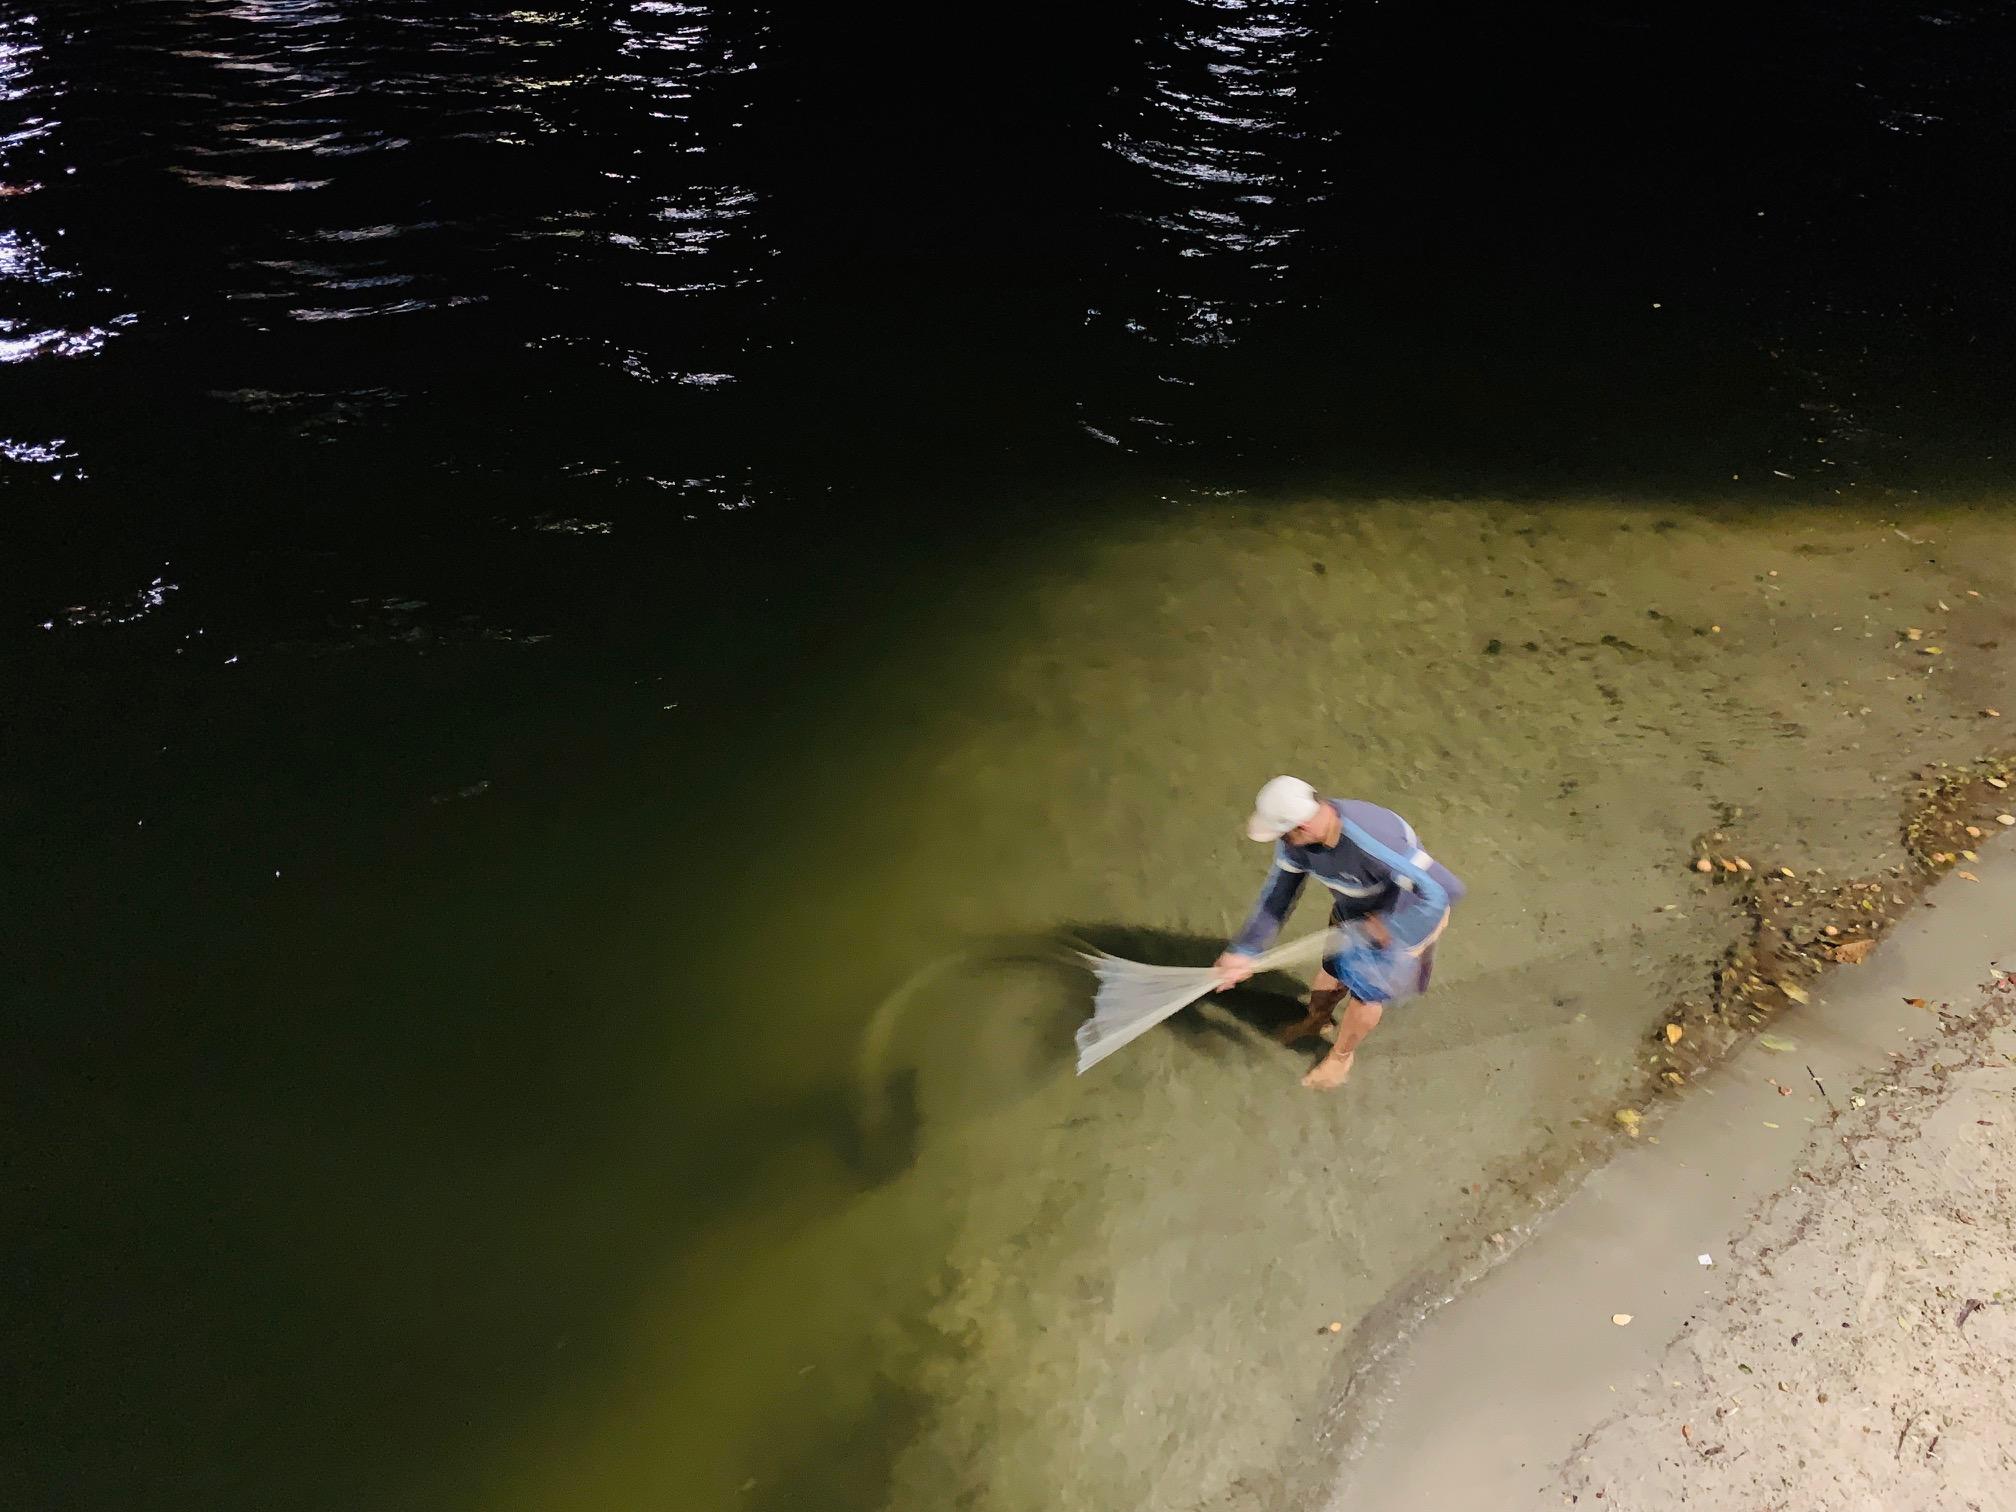 Pescando cangrejos y camarones en Florianópolis (Brasil)